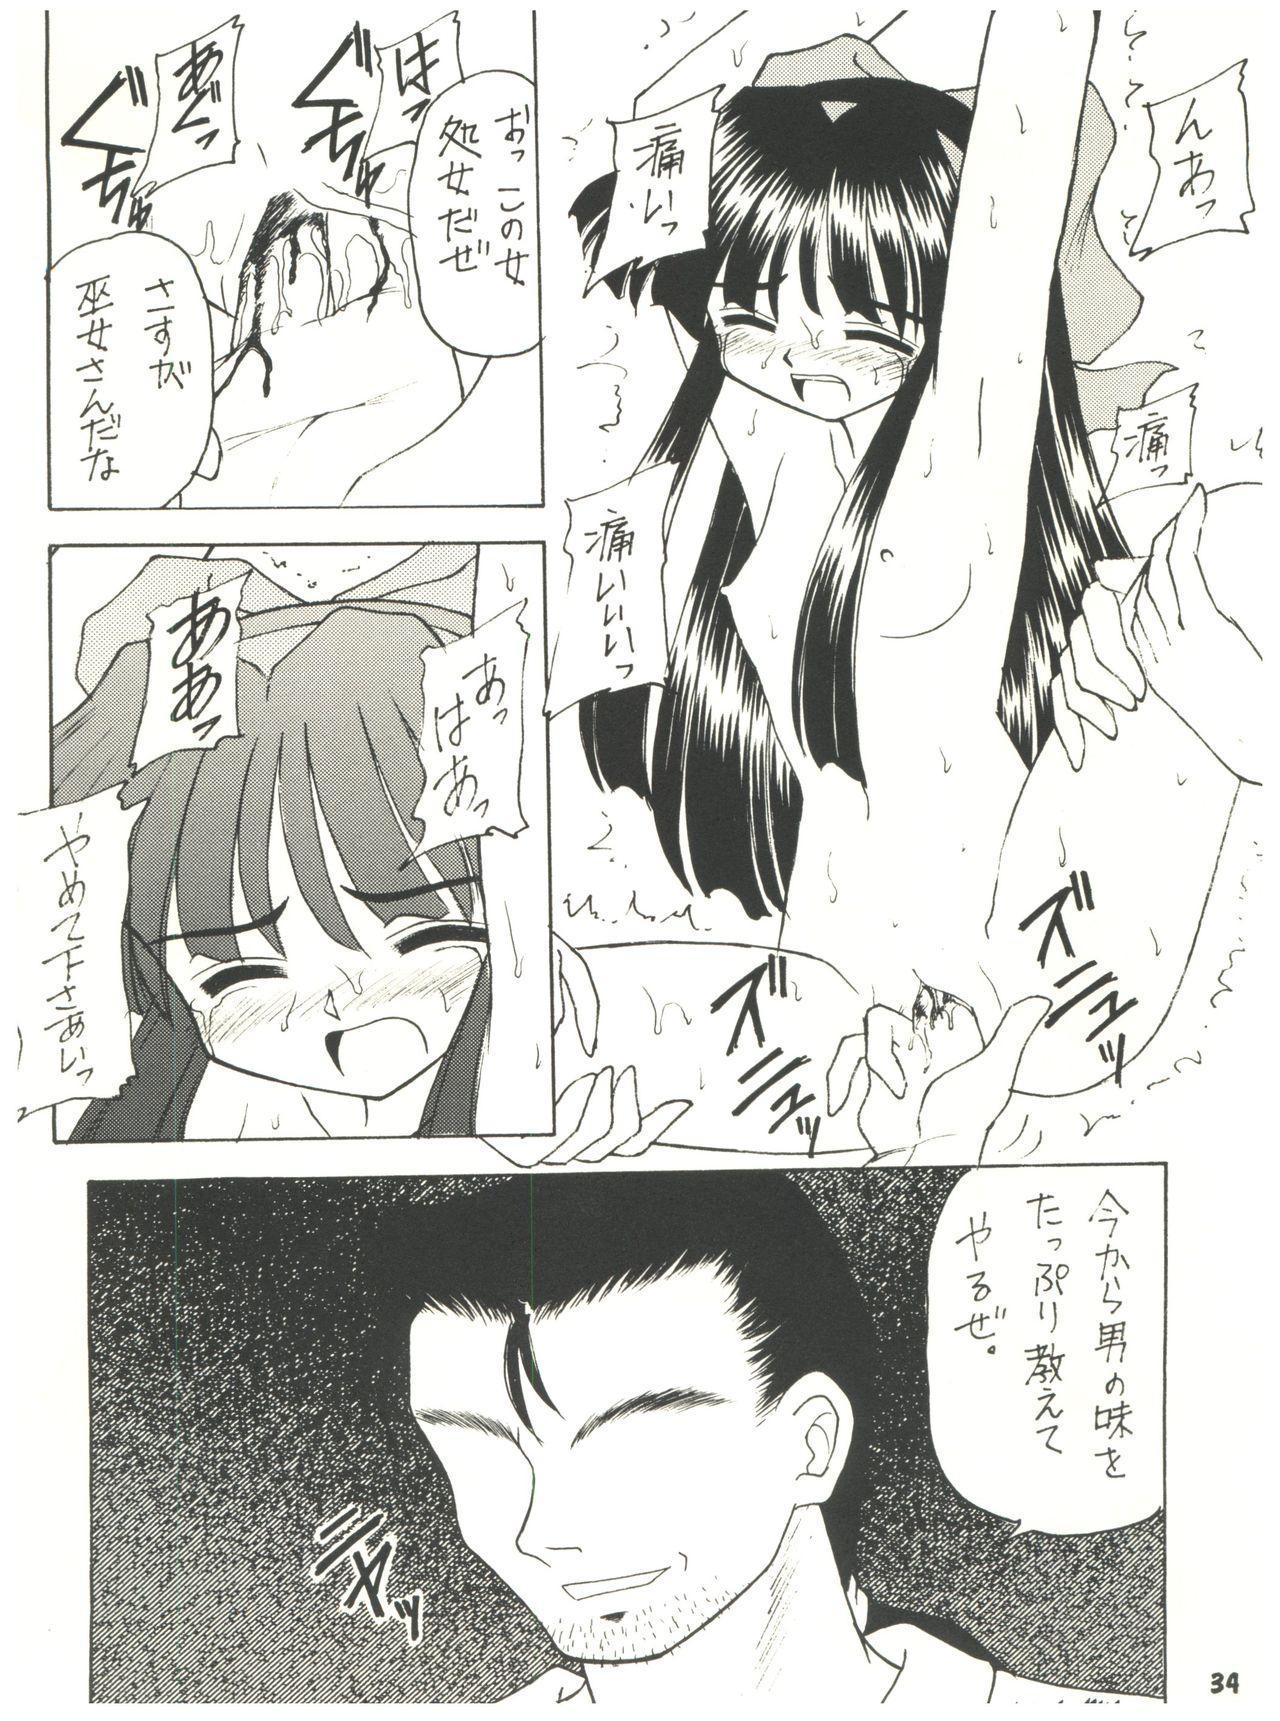 [Sairo Publishing (J. Sairo) En-Jack 2 (Various) 33